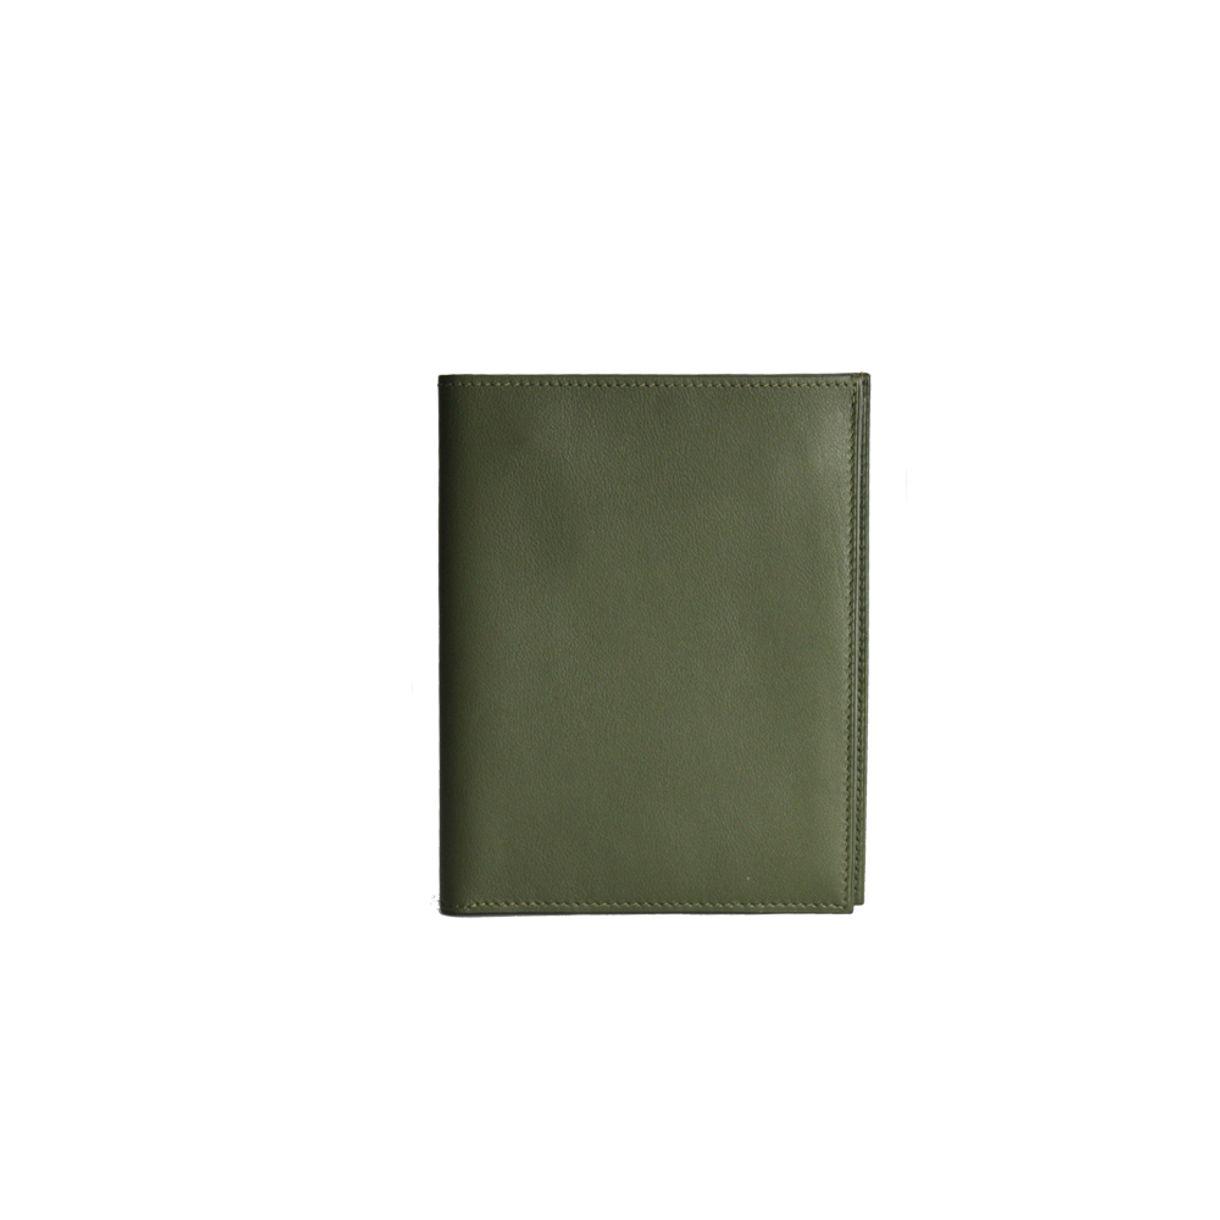 Carteira-Hermes-Verde